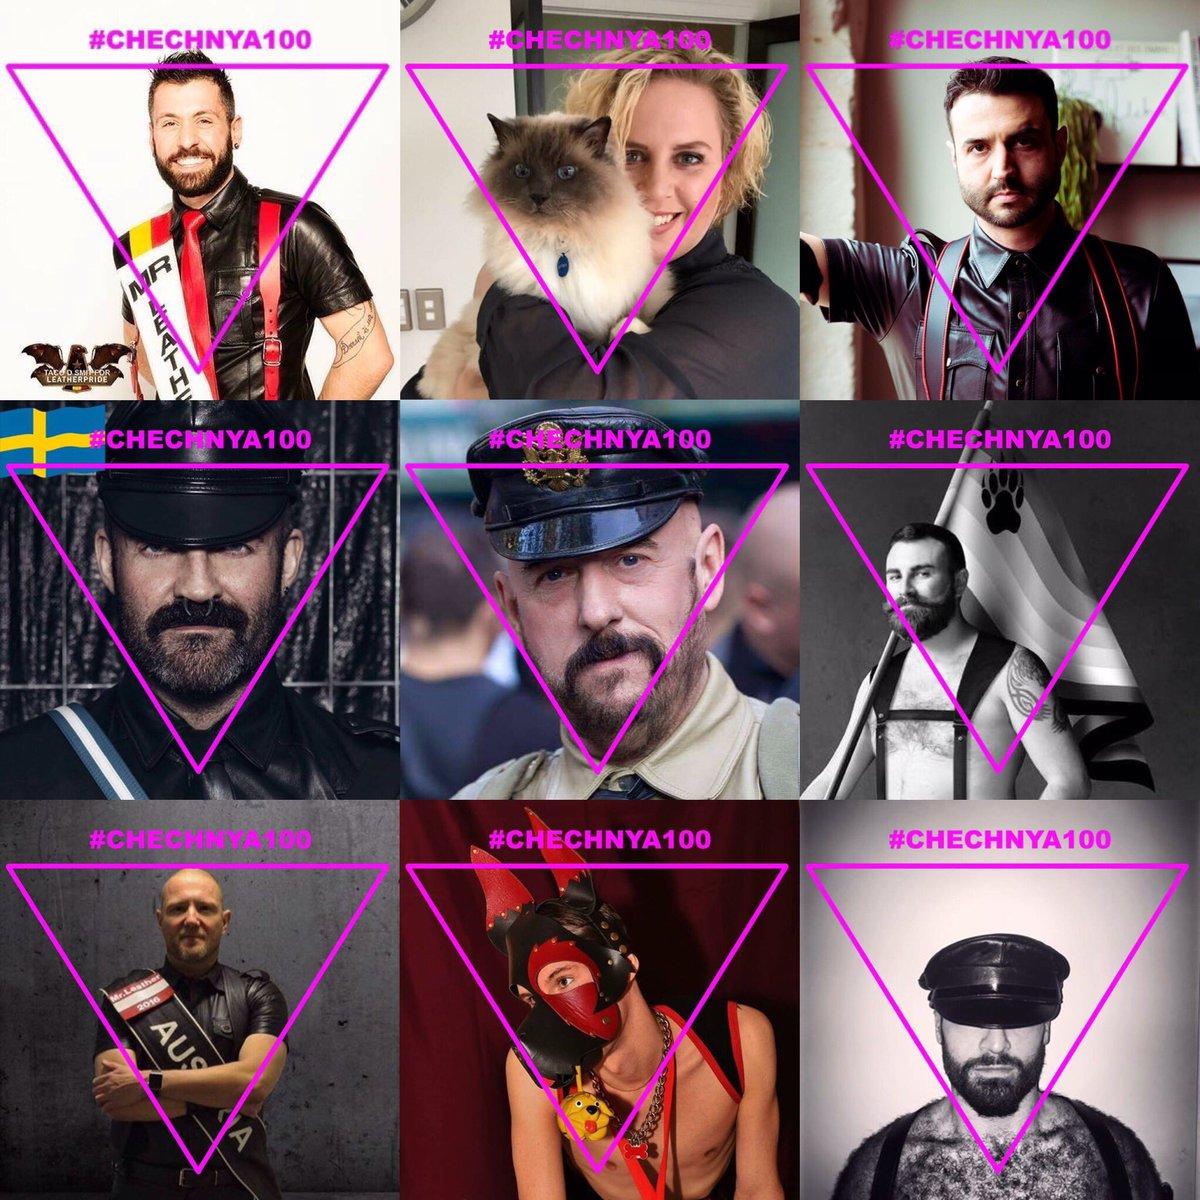 Entenda o triângulo rosa em apoio a população LGBT da Chechênia